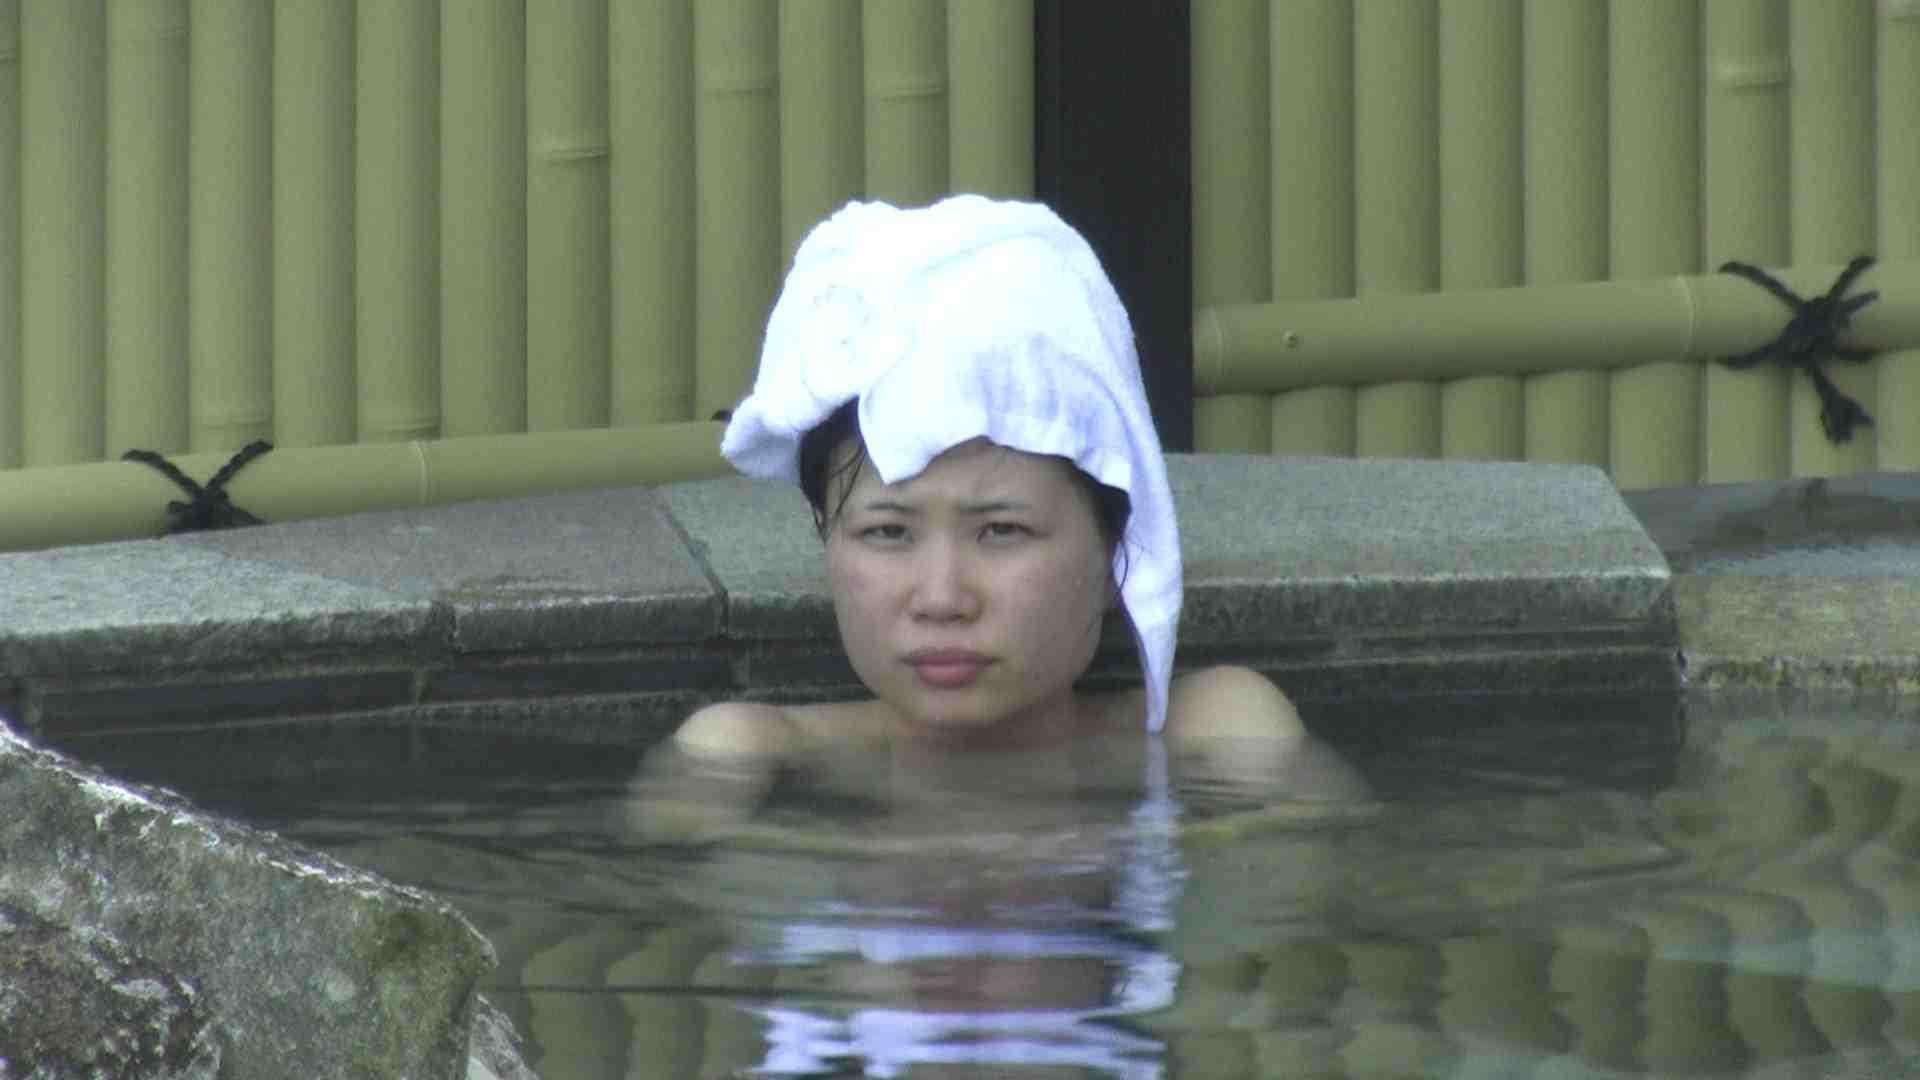 Aquaな露天風呂Vol.183 露天 オメコ動画キャプチャ 69画像 14